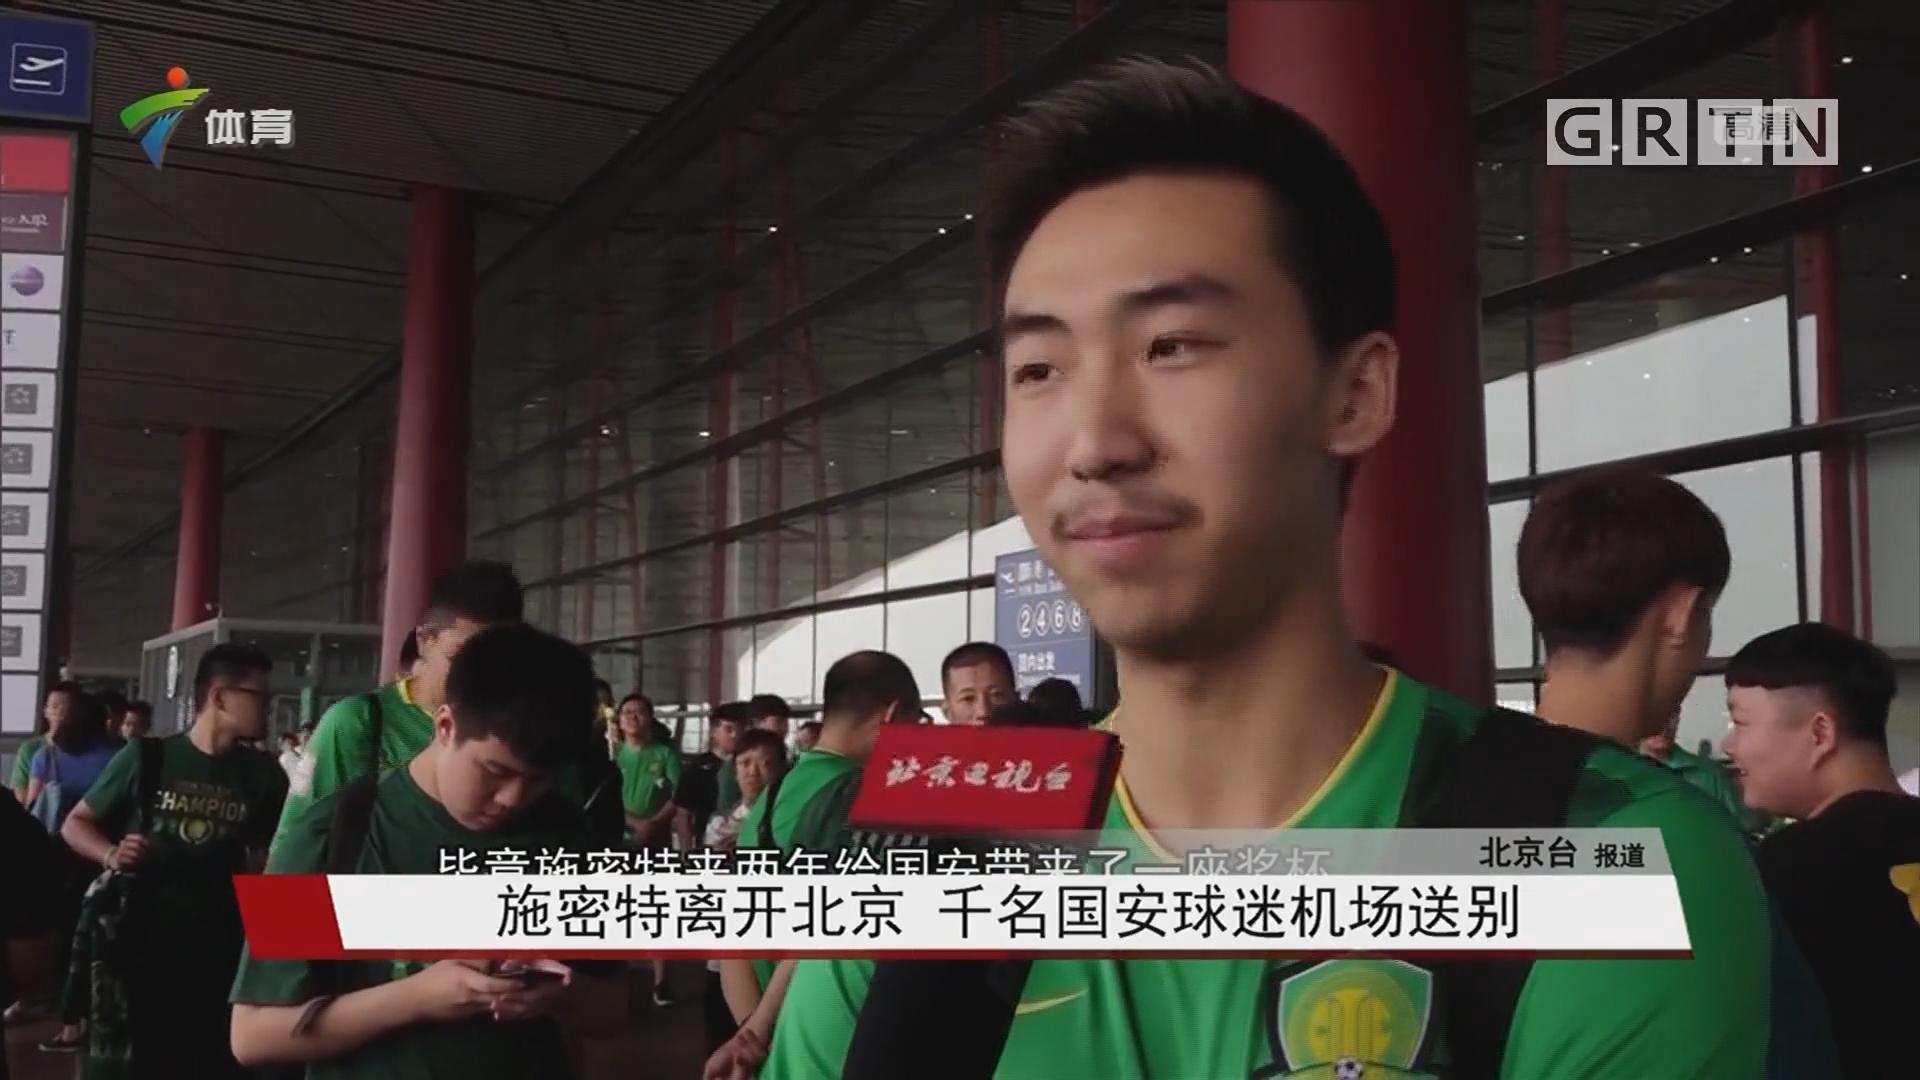 施密特离开北京 千名国安球迷机场送别